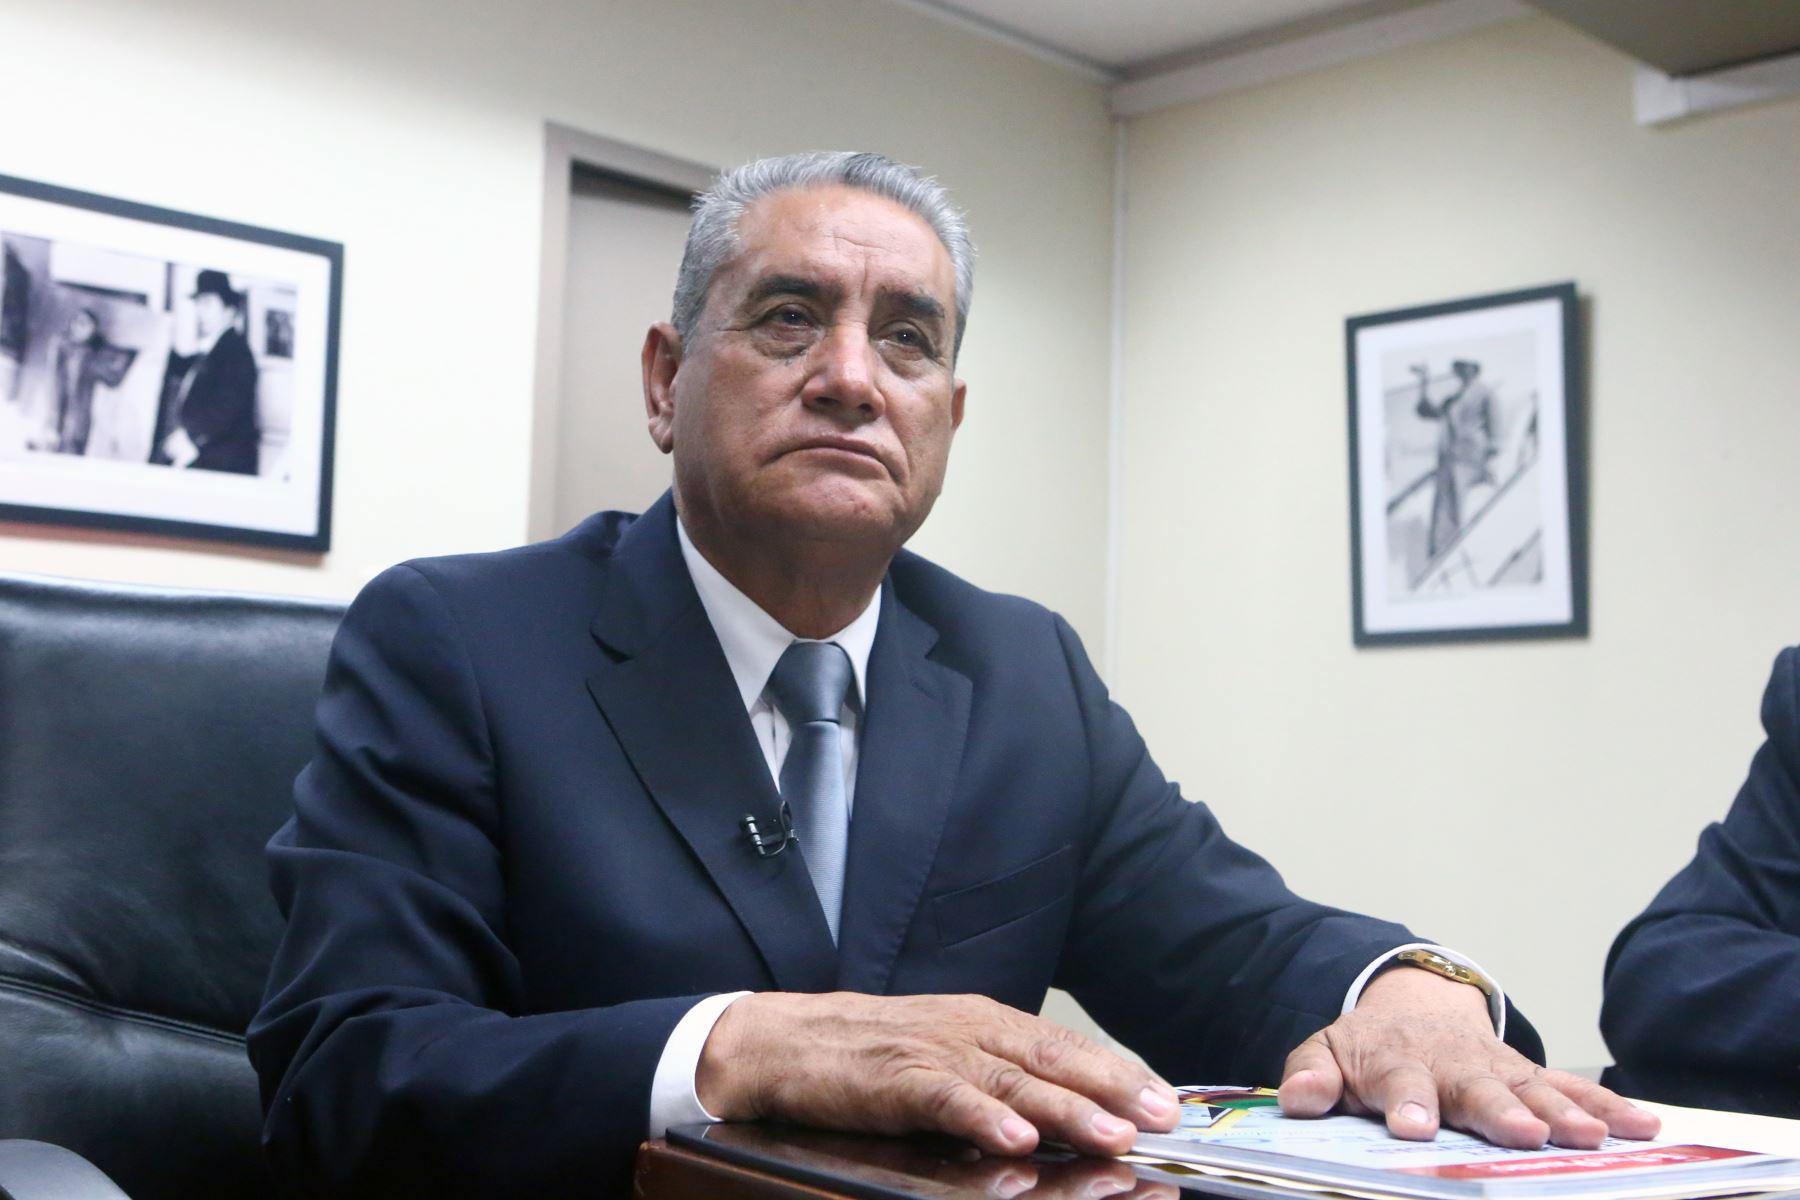 Amazonas impulsará proyectos turísticos para atraer más visitantes, anunció gobernador Oscar Altamirano. ANDINA/Héctor Vinces